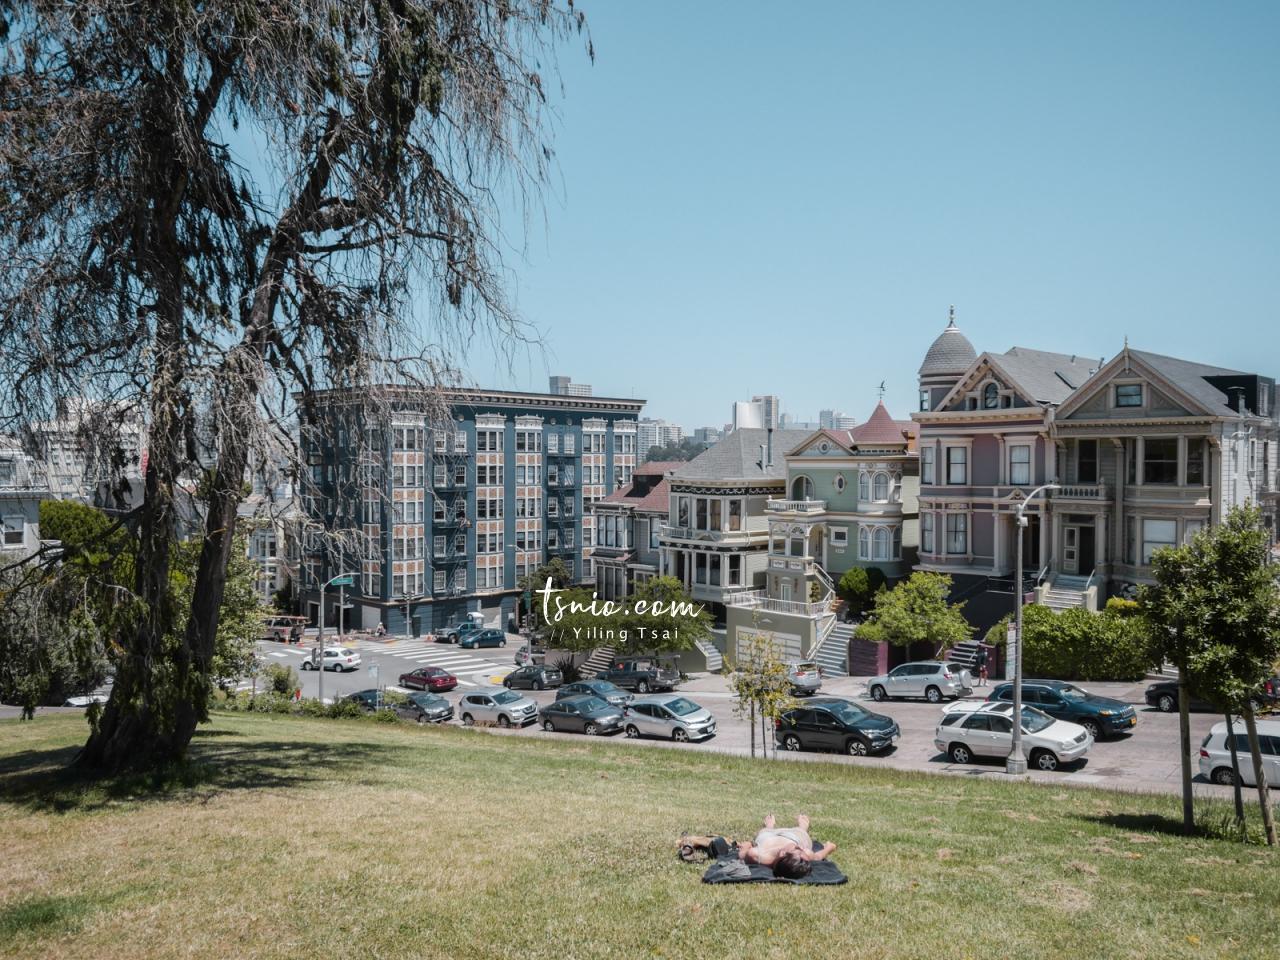 美國舊金山景點 Alamo Square 阿拉莫廣場、Painted Ladies 彩繪女士六姊妹